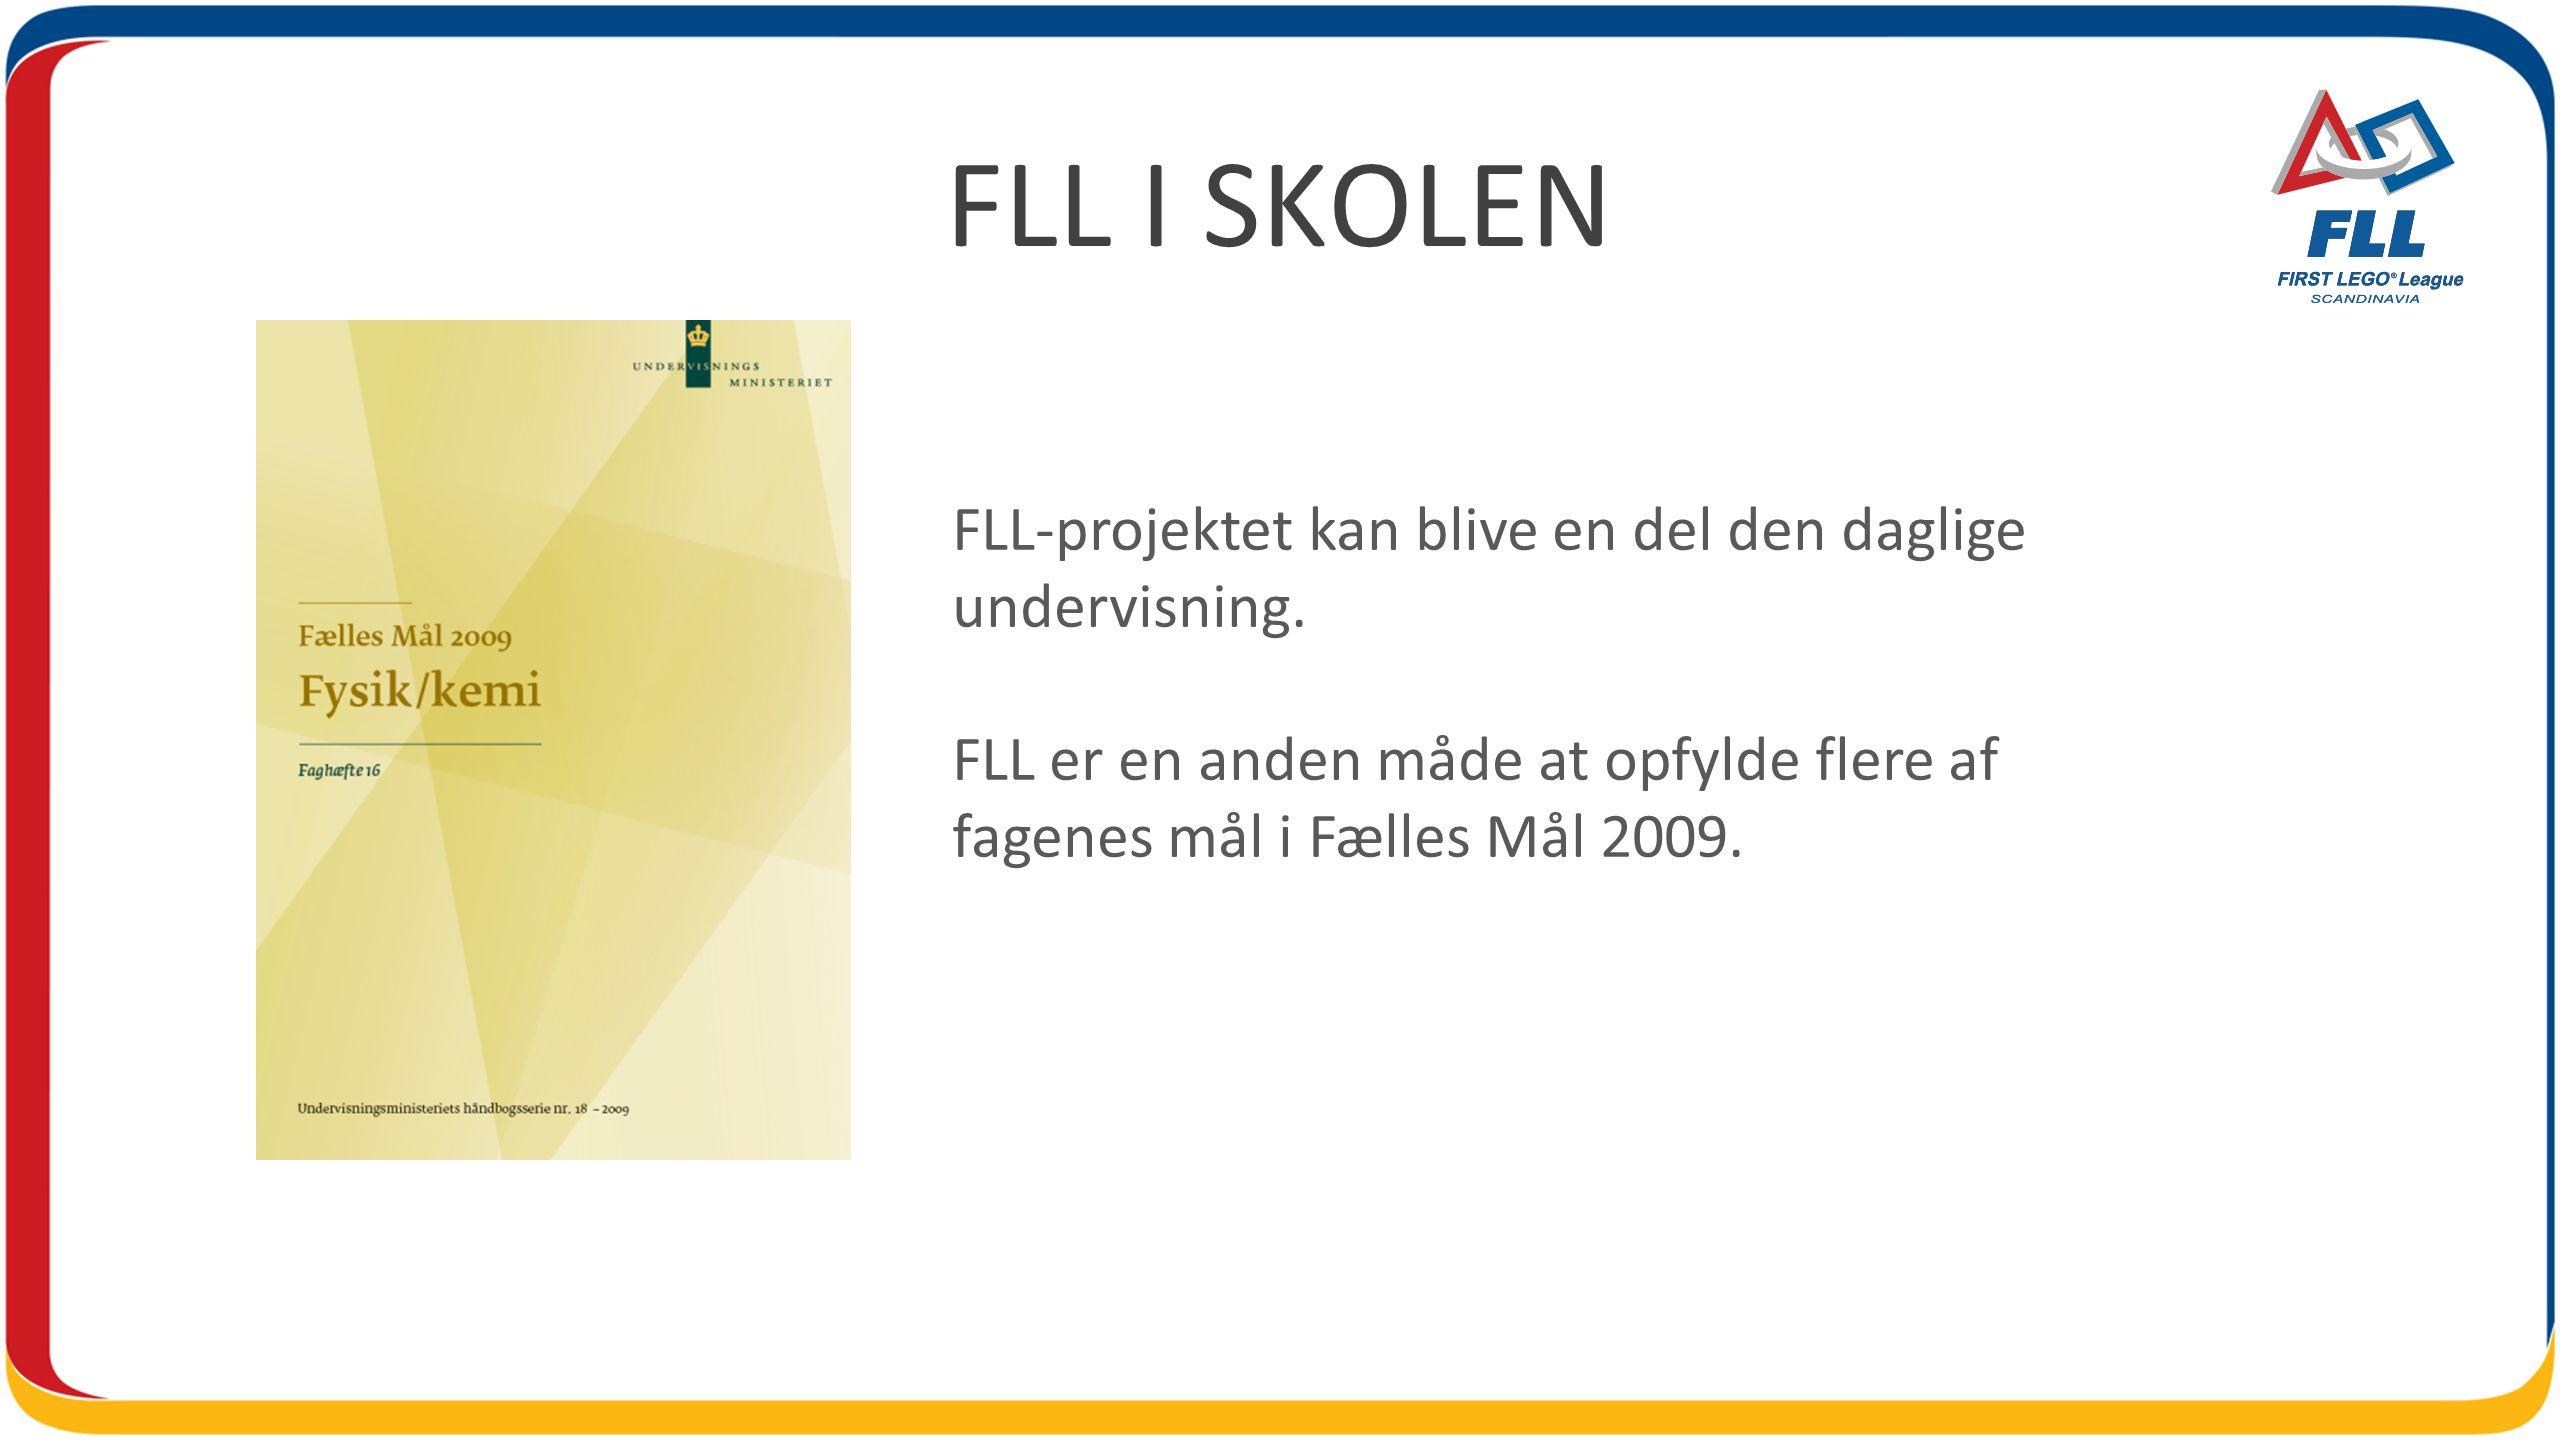 FLL I SKOLEN FLL-projektet kan blive en del den daglige undervisning.